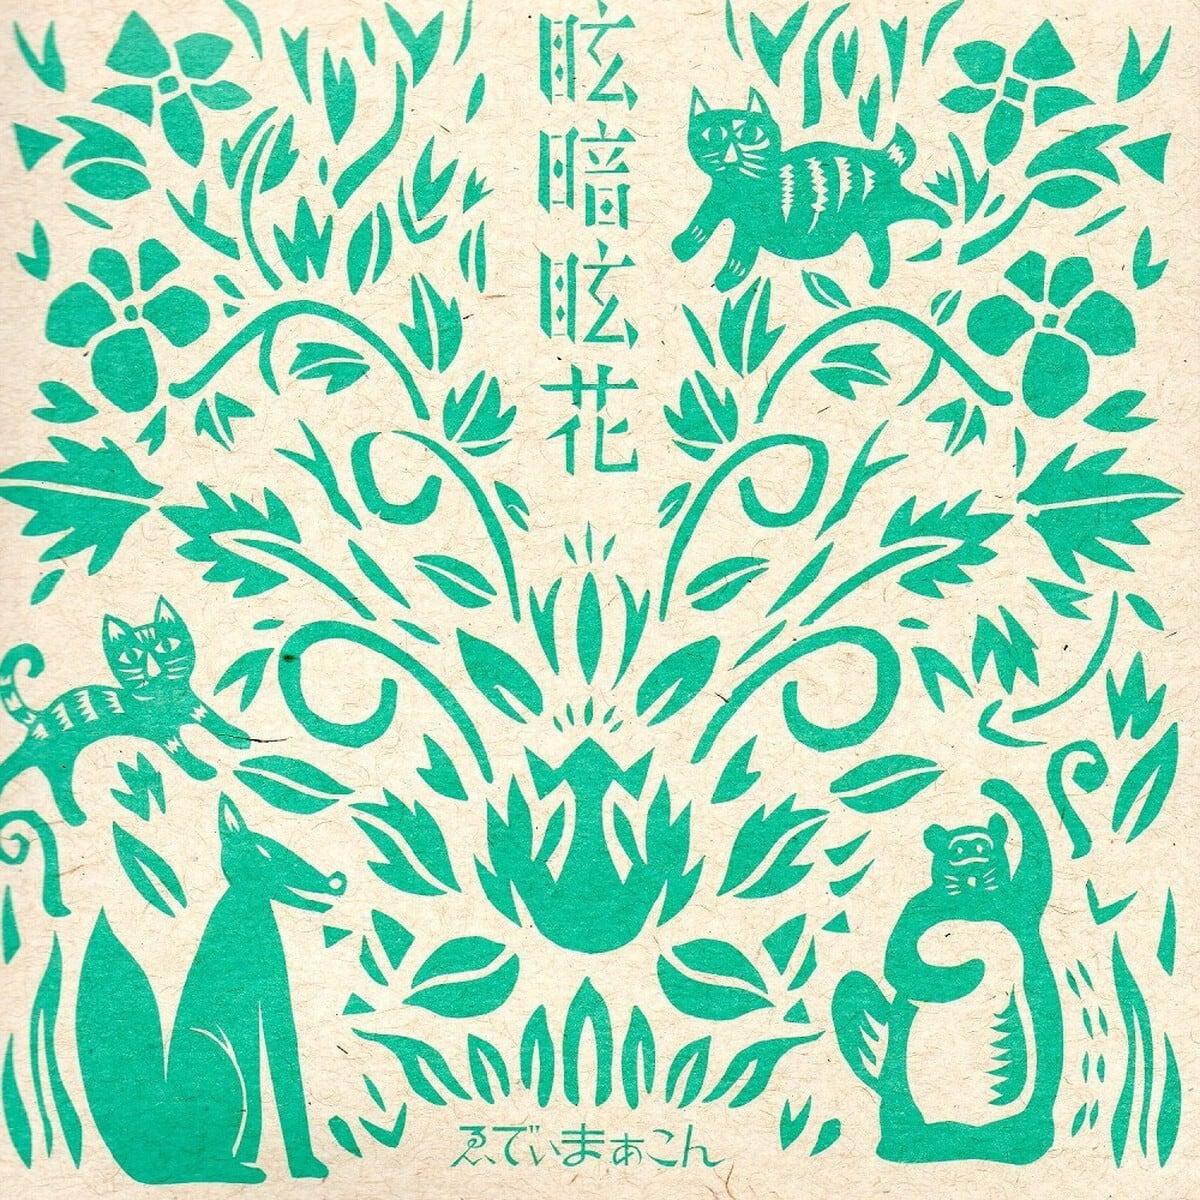 ゑでぃまぁこん - 眩暗眩花 (CD)